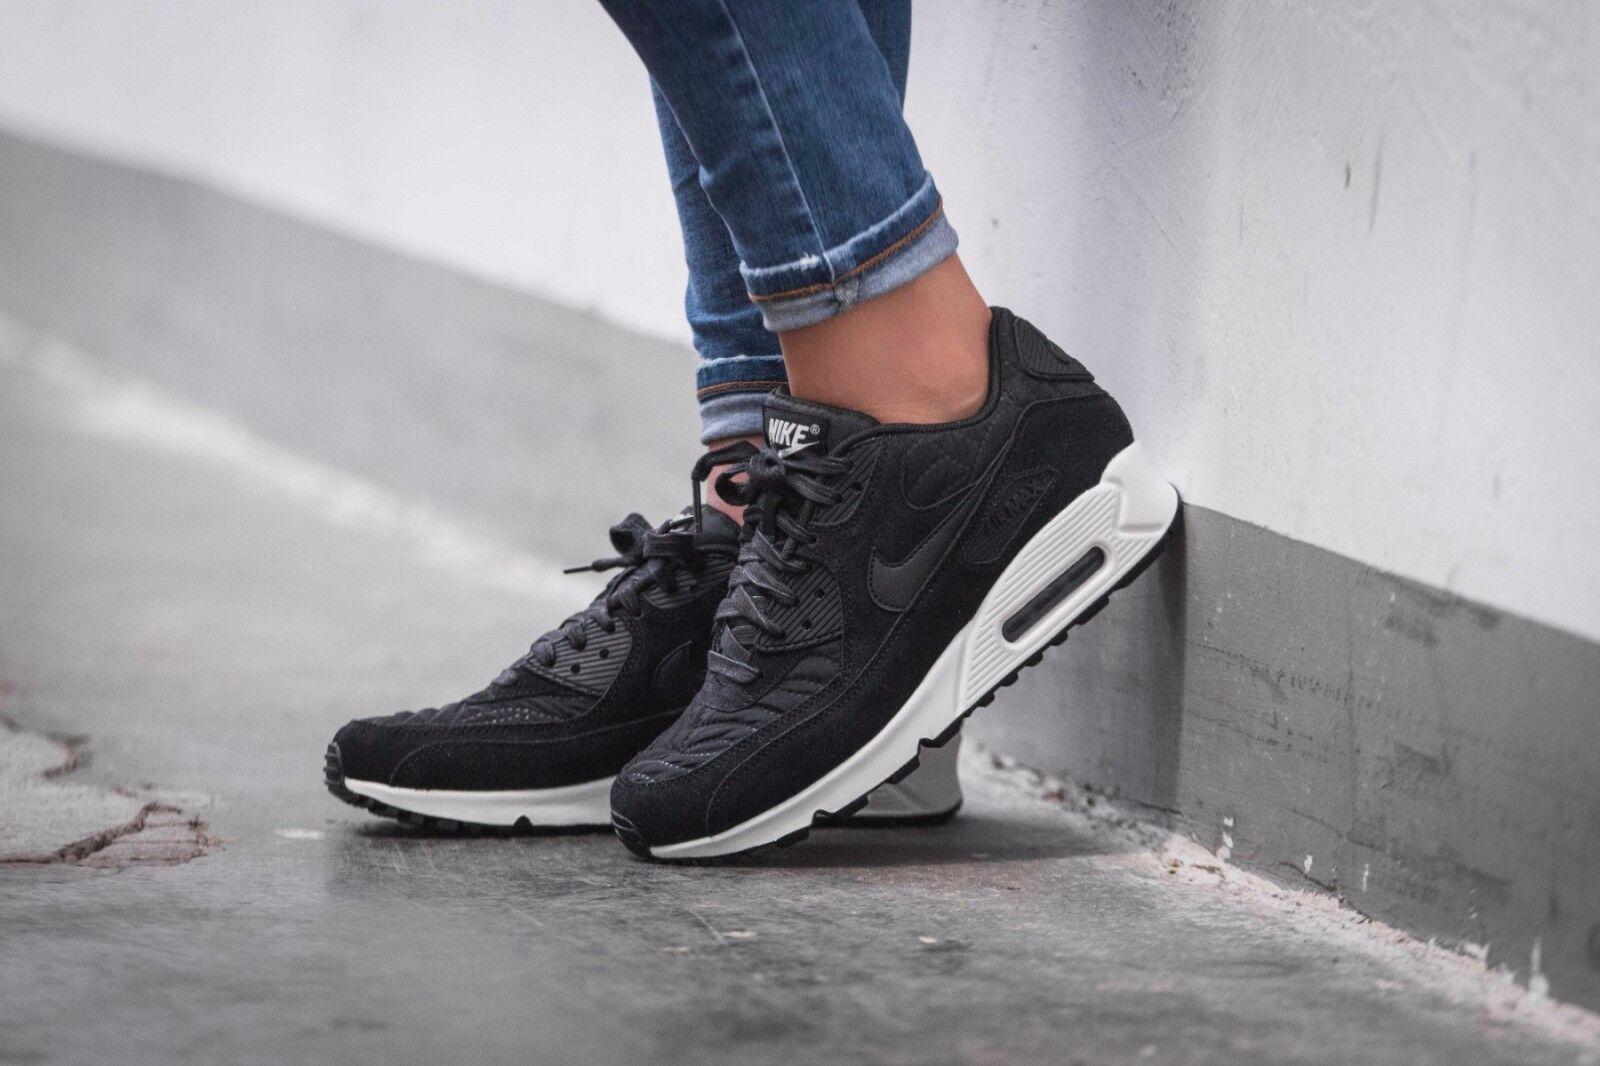 Nike Air Max 90 Premium blackblackivory 443817 009 Wmn Sz 10